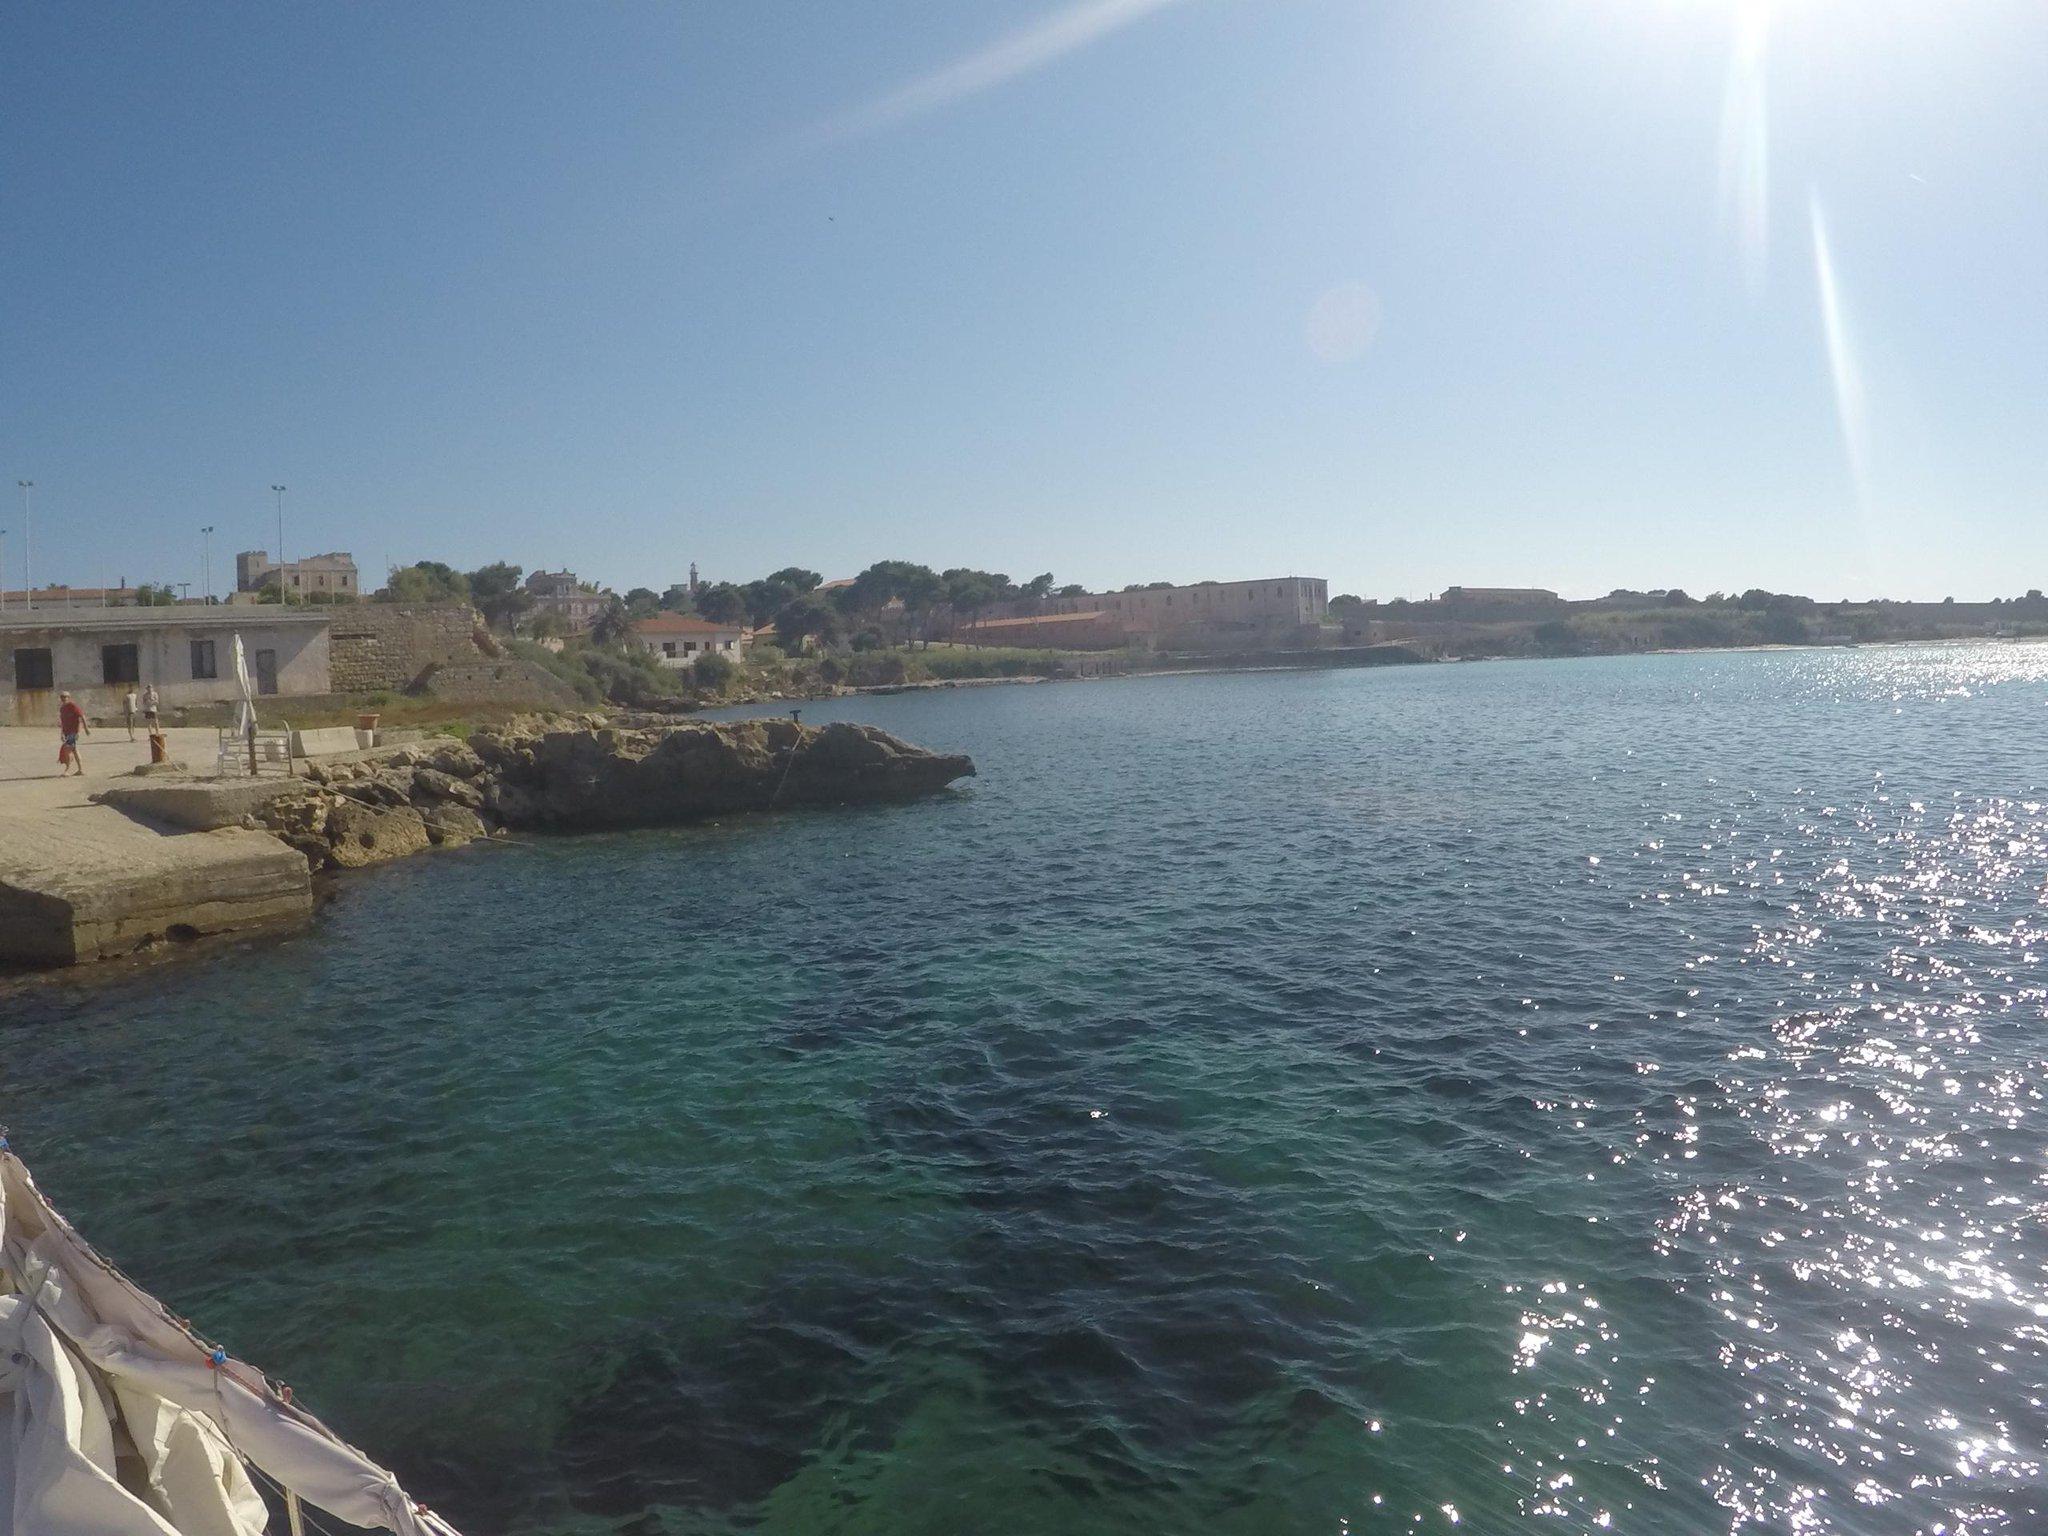 Benvenuti a #Pianosa: siamo tra i 200 fortunati che sbarcano sull'isola #isoletoscane @isoletoscane @DiariToscani http://t.co/gFnezLpBGh